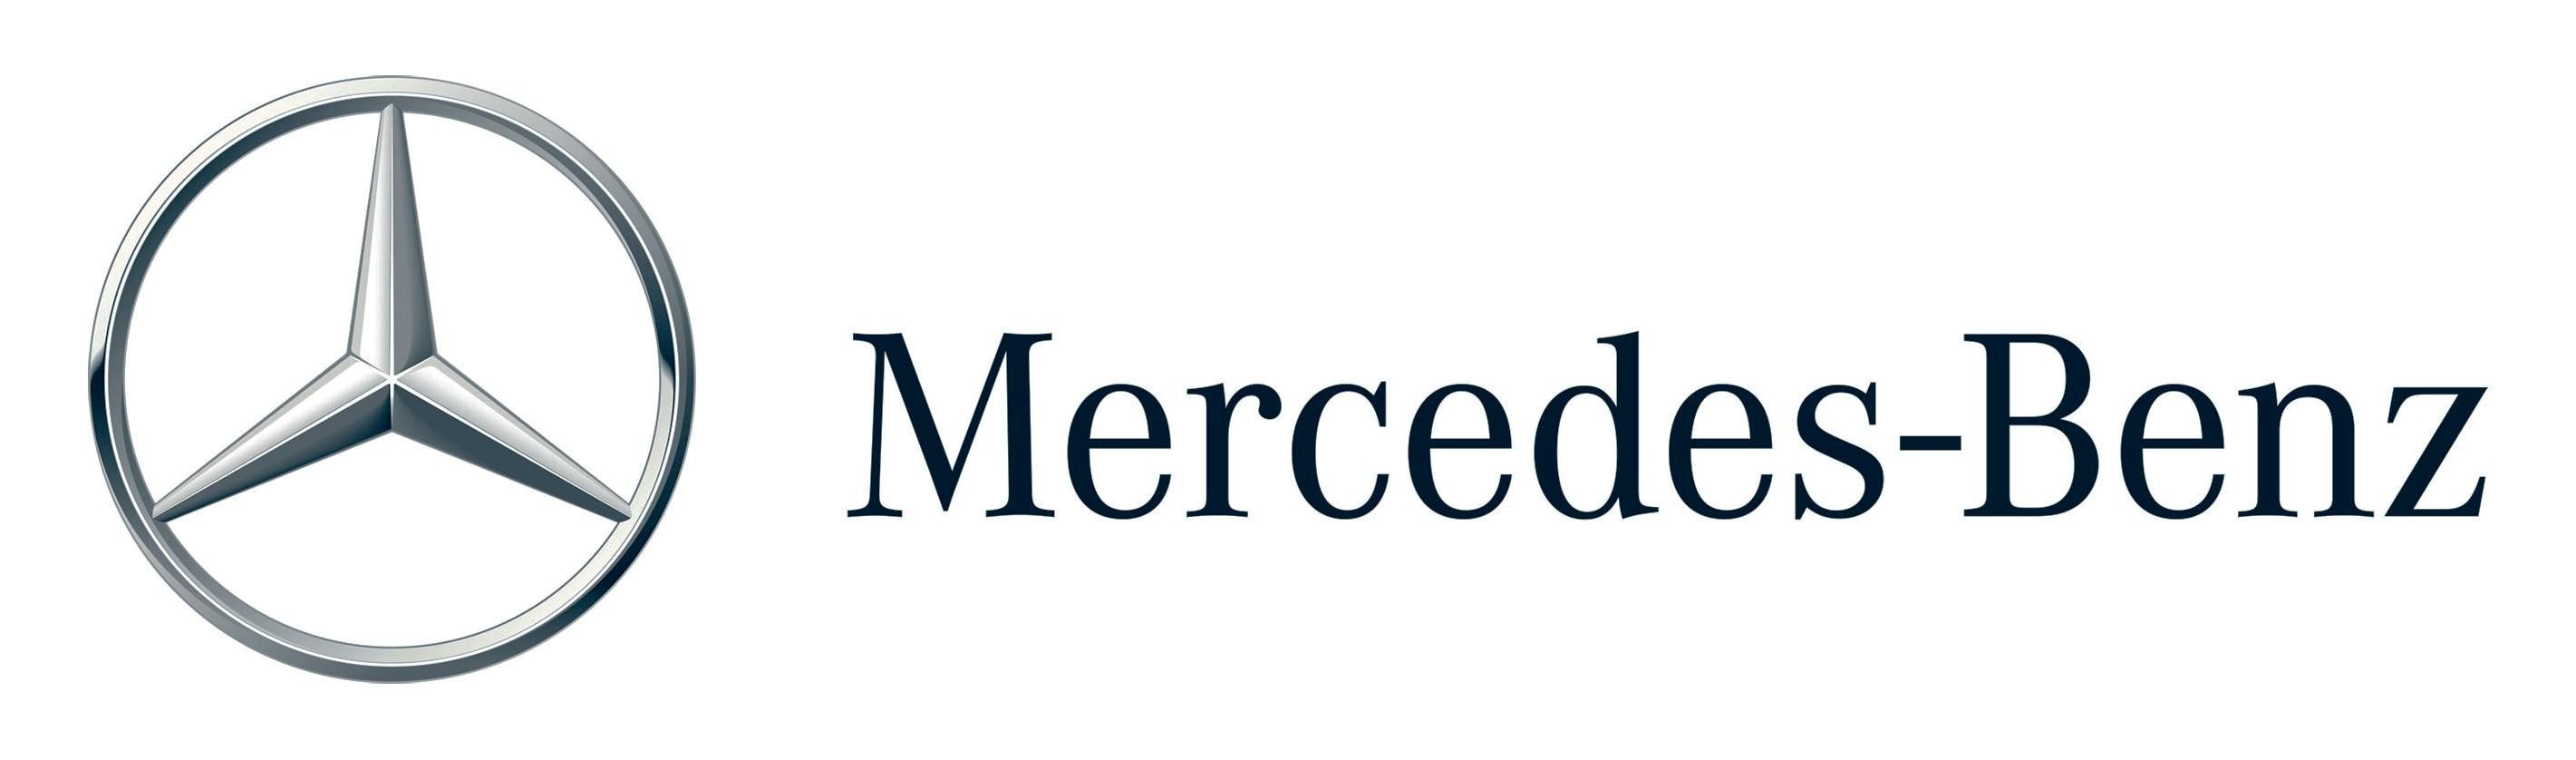 mercedes benz logo wallpaper incandescent bio 2842x838